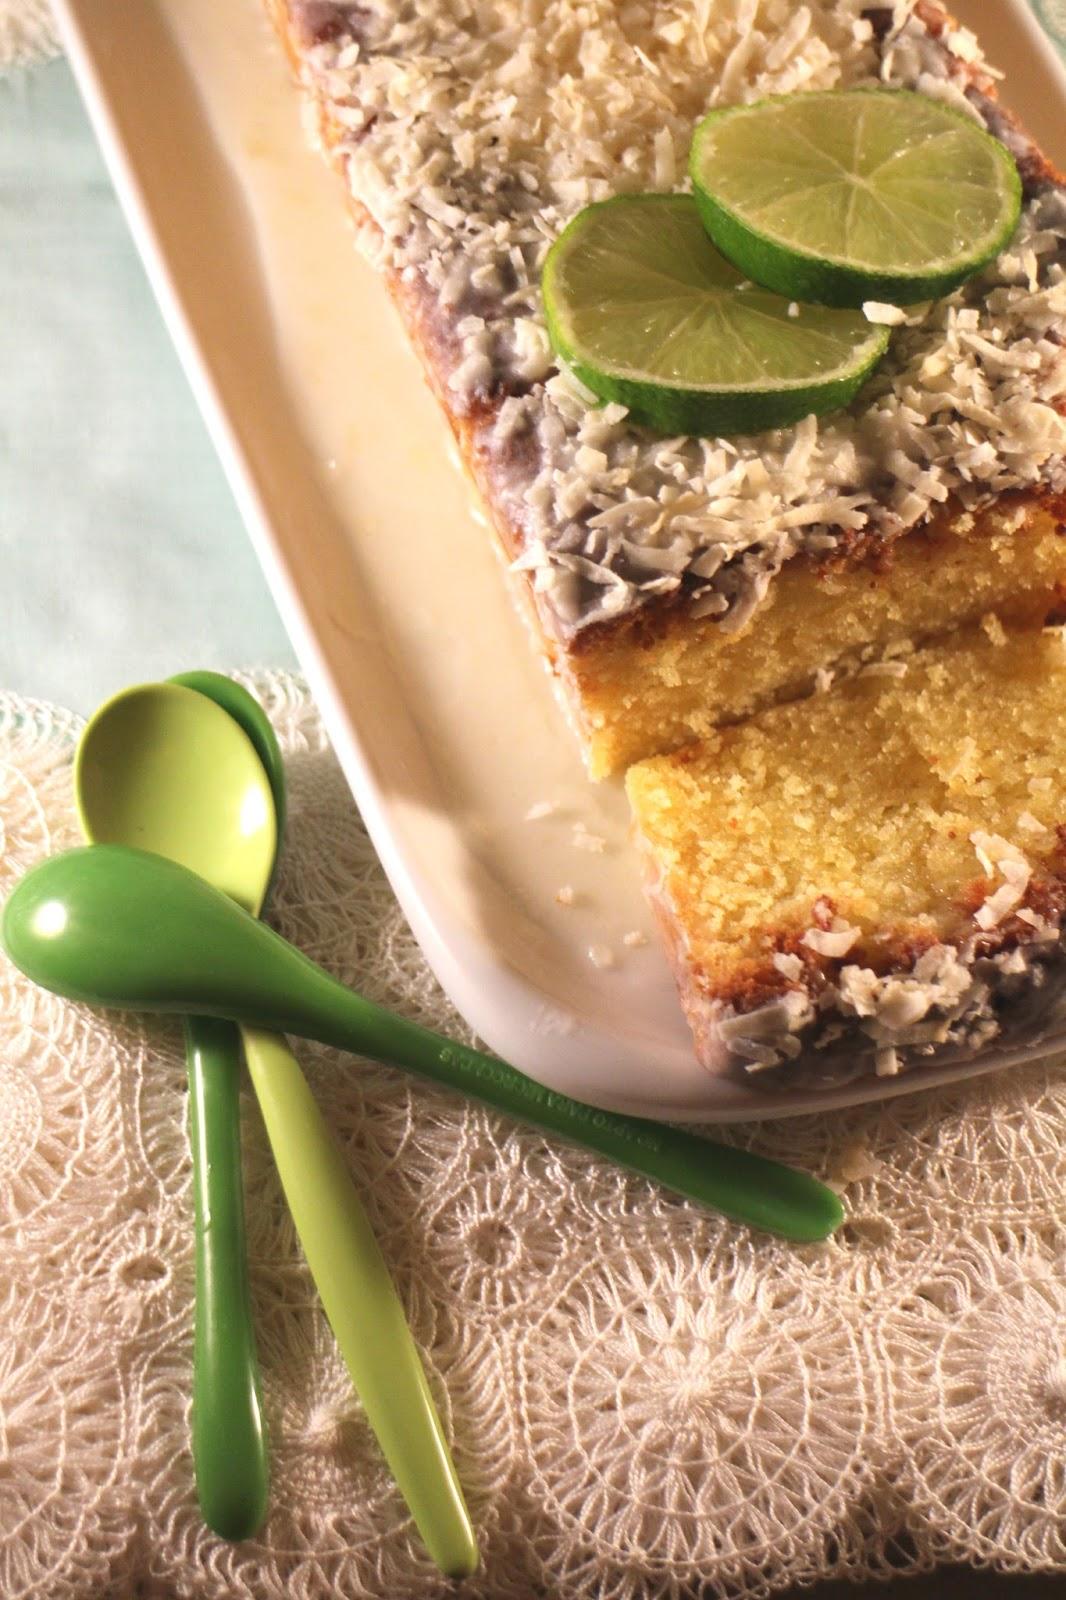 pound-cake-de-coco-y-lima, bizcocho-de-coco-y-lima, coconut-lime-cake